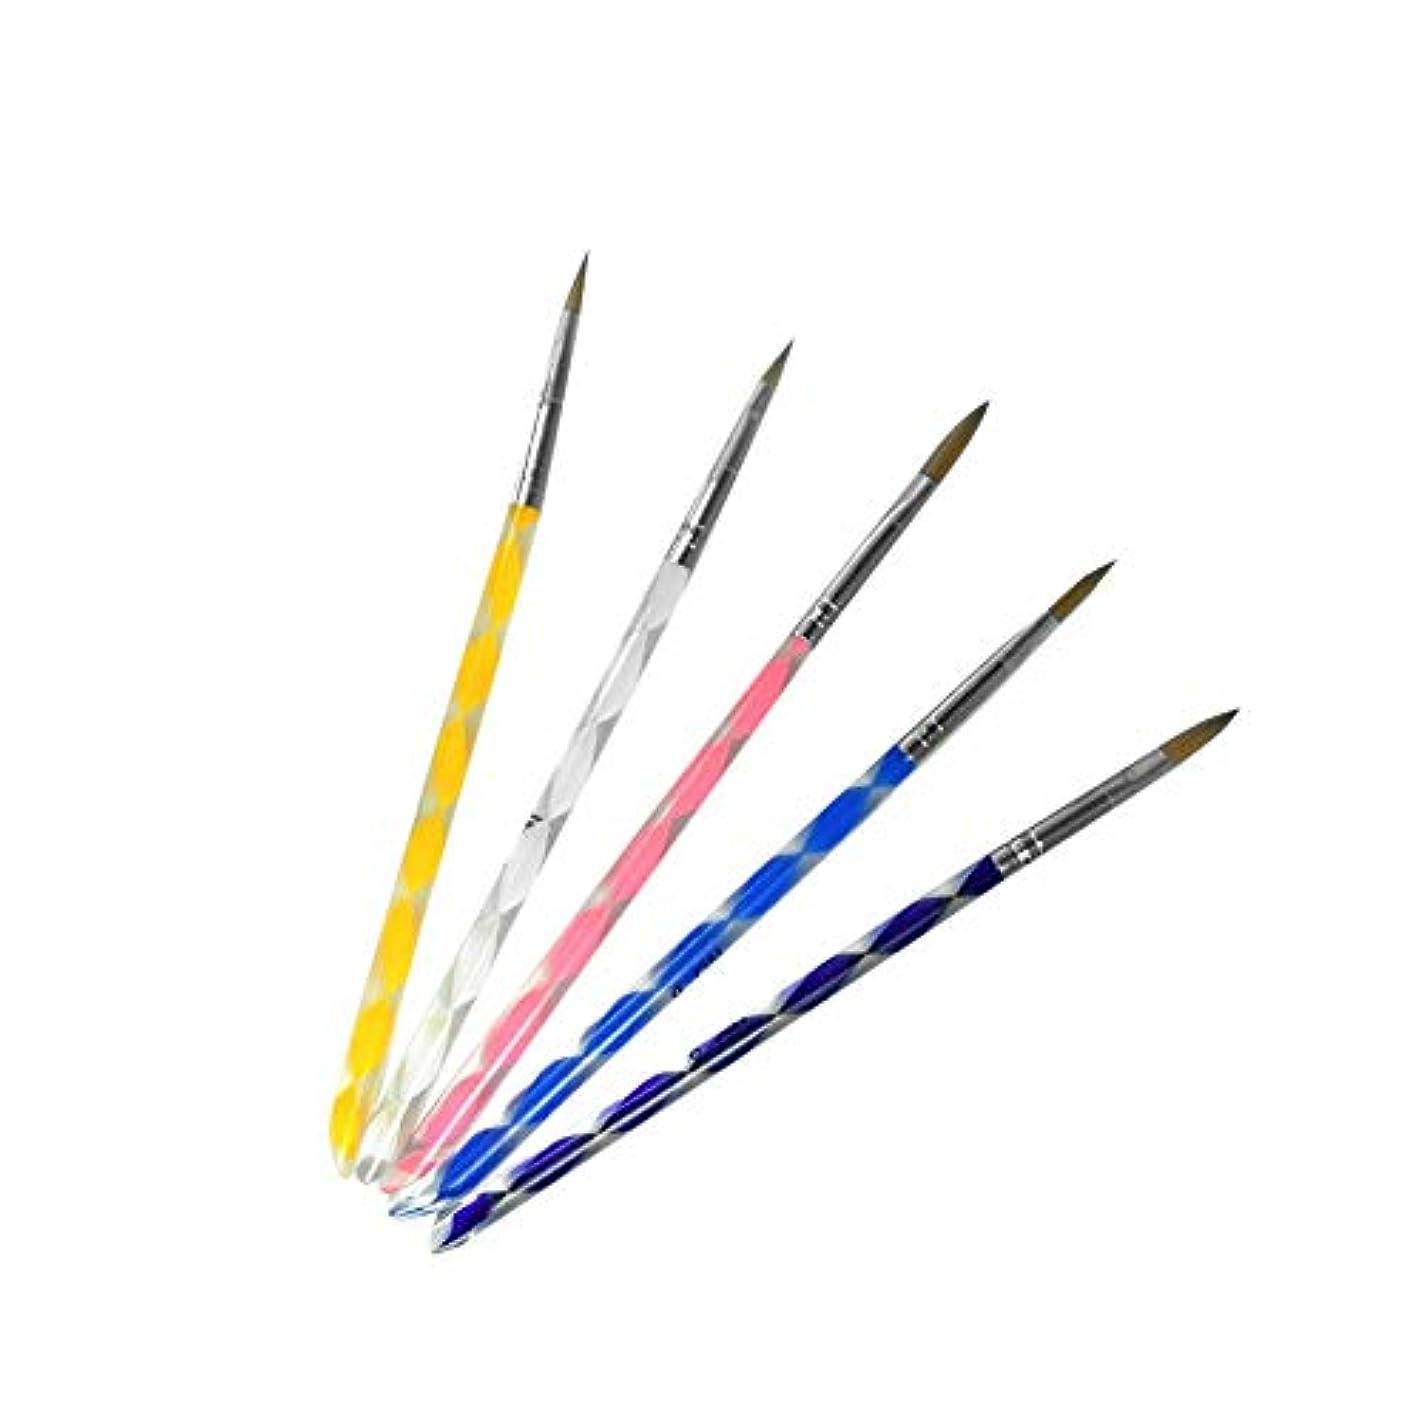 保存パワーセル絶対の絵筆5PCSネイルマニキュアペディキュアマニキュアペイントブラシ詳細ペイントブラシは、自然スパイラル偽、アクリルやジェルネイルを扱います